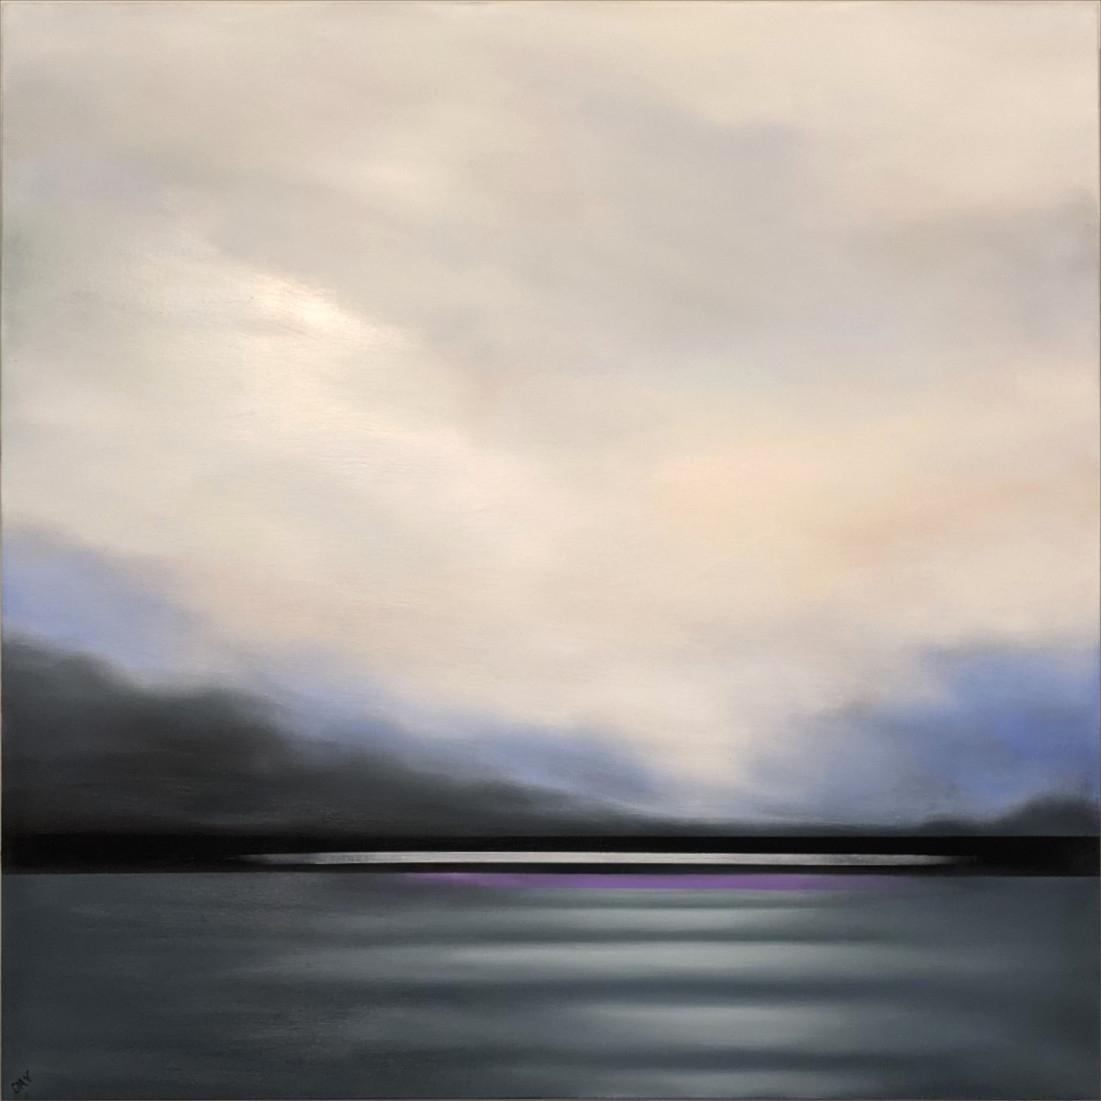 Purpleline by Melanie Day